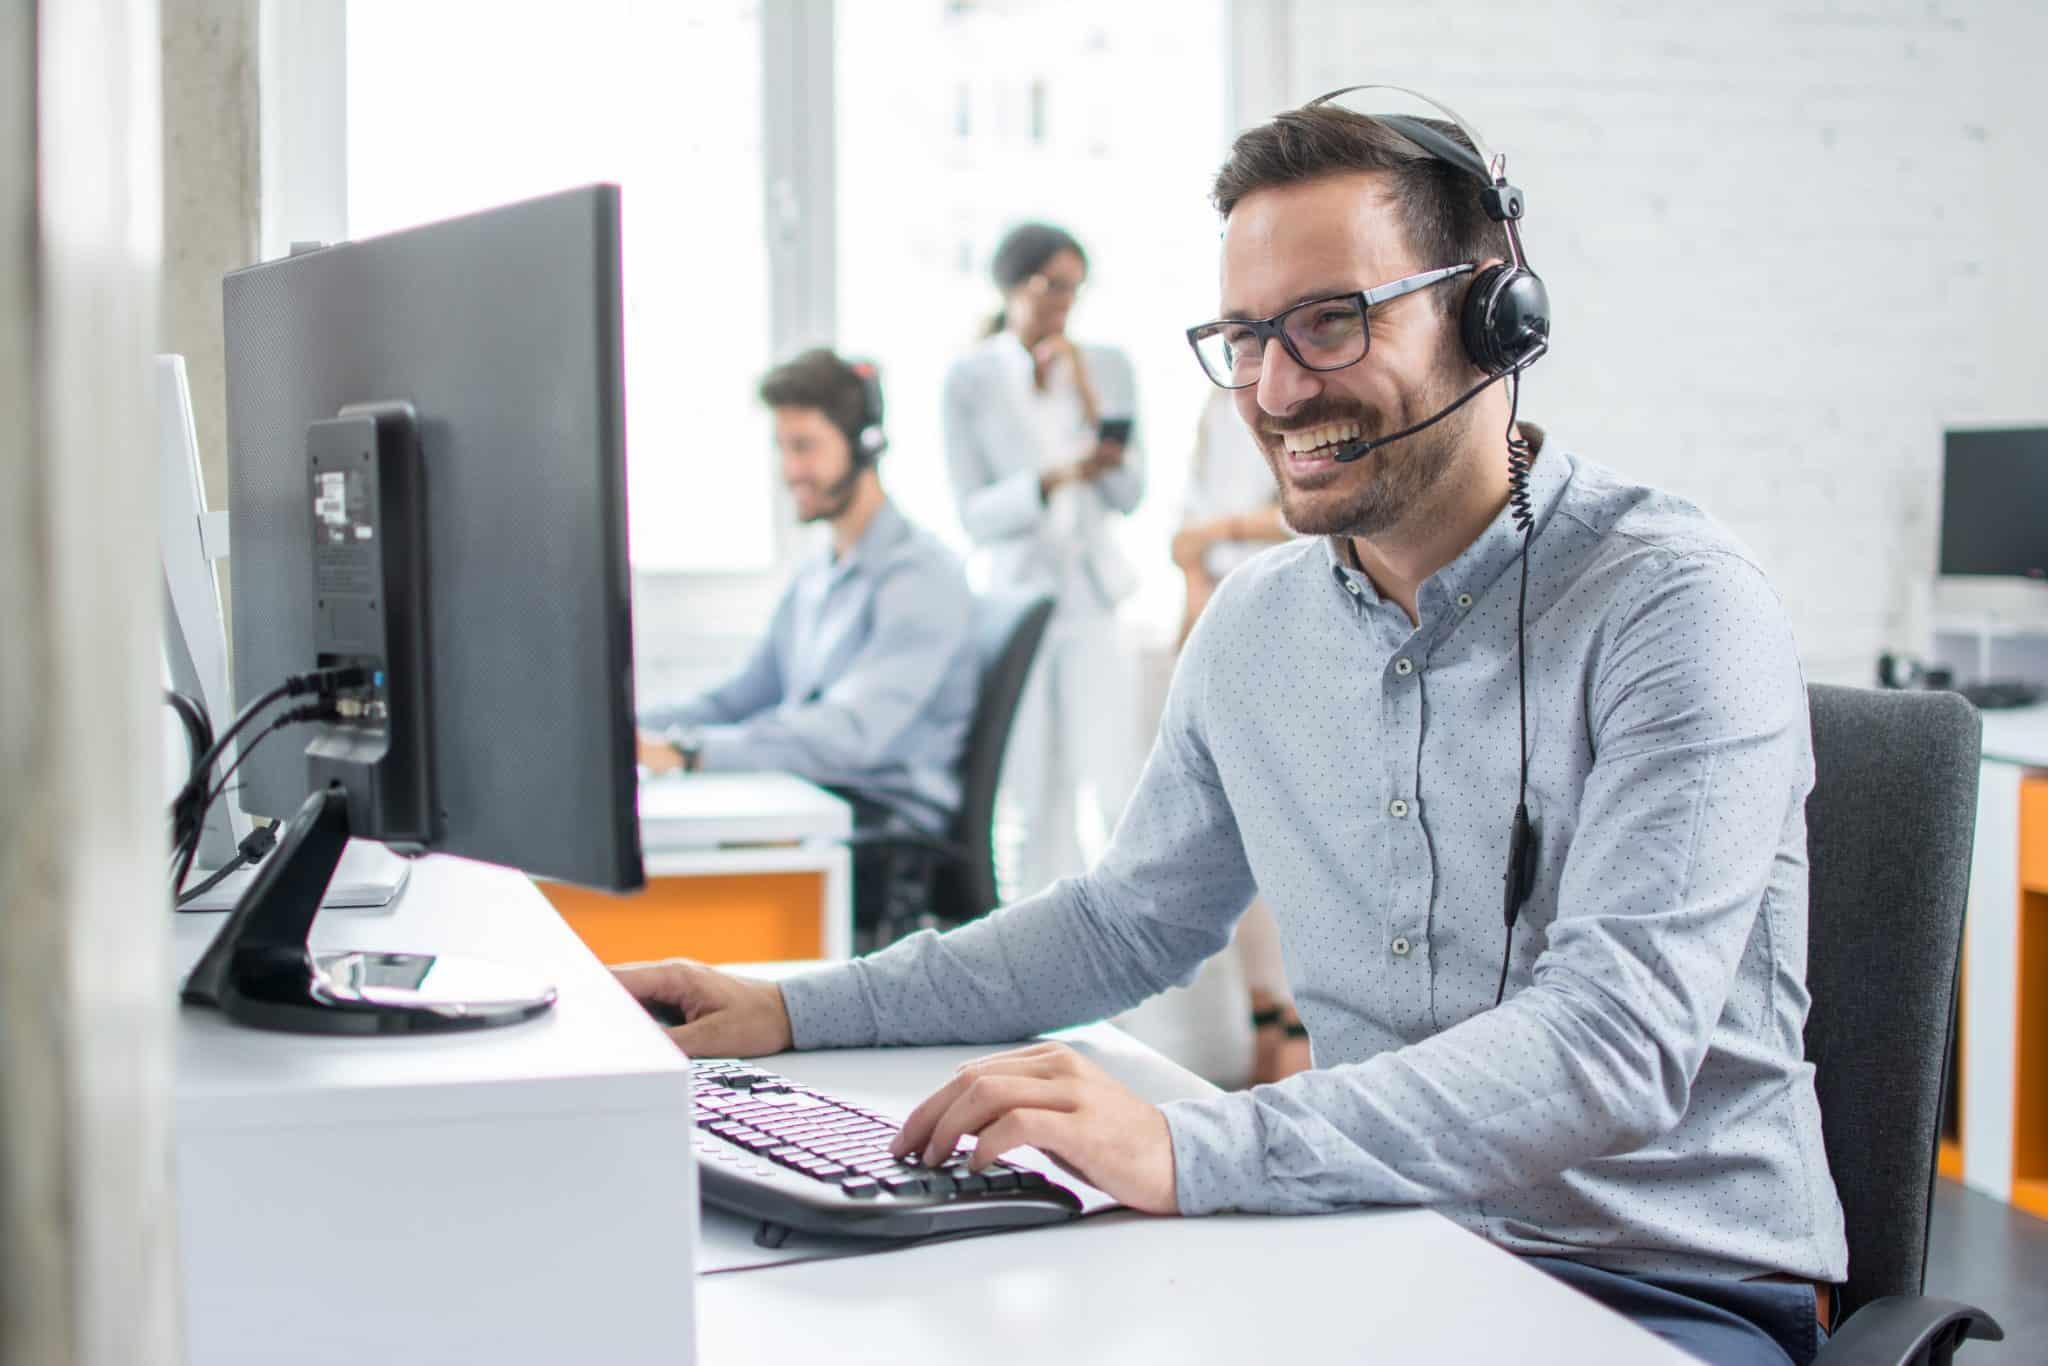 Schulung: So werden Sie Profi am Telefon